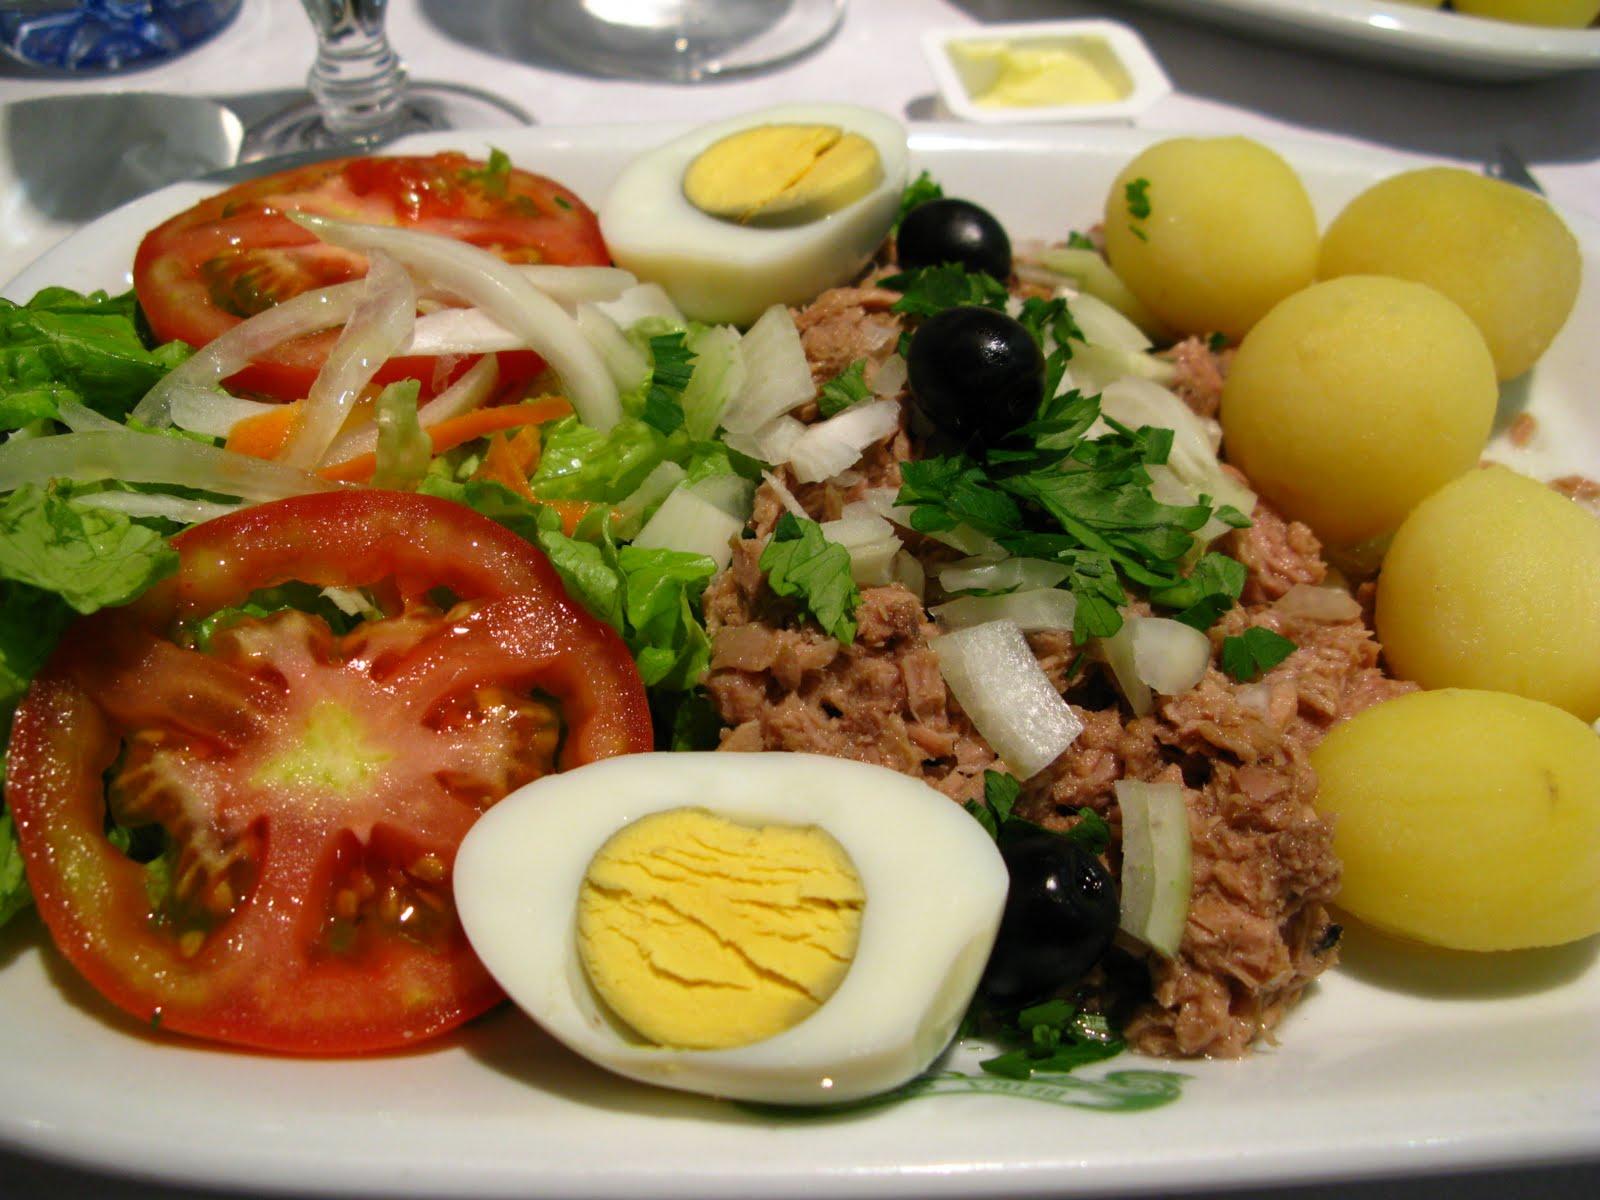 The Portuguese Menu